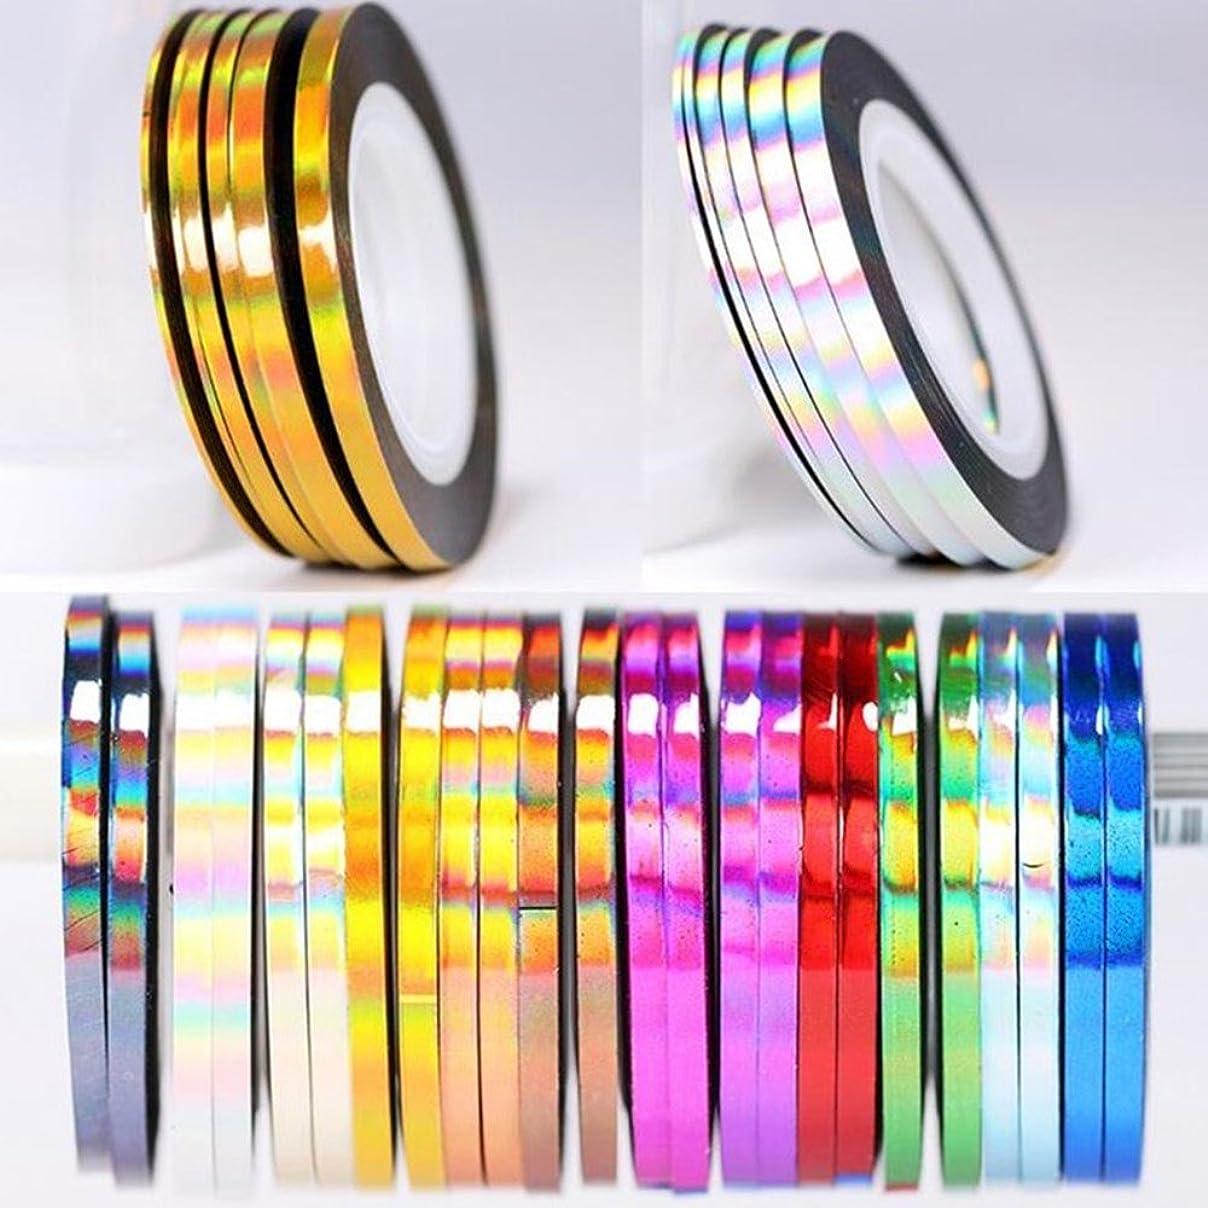 無法者ディレクトリディーラーBlueZOO (ブルーズー) レーザーラインテープ 幅0.8mm/2mm/3mm ジェルネイルアート用品 輝き ゴールド シルバー フレンチ ライン テープ ネイルシール ストライピングテープ 爪 アクセサリー